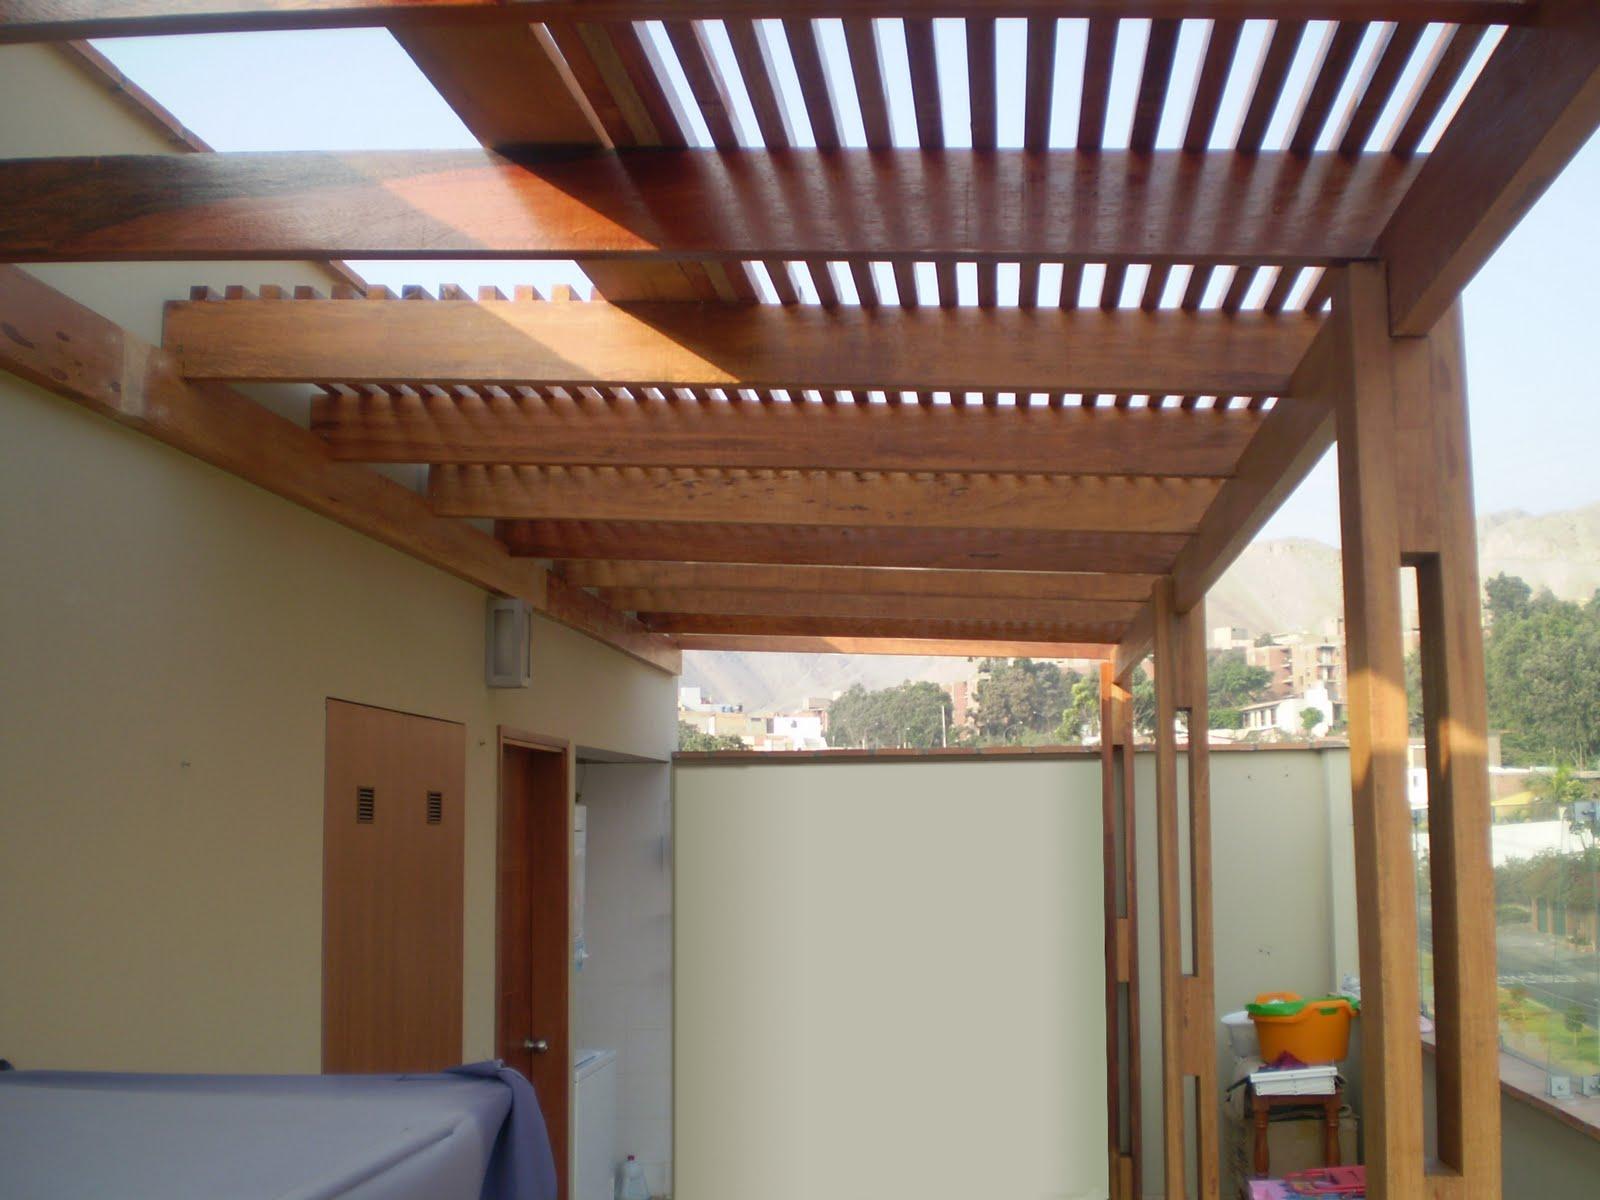 Carpinter a sotero techos sol y sombra - Toldos sol y sombra ...